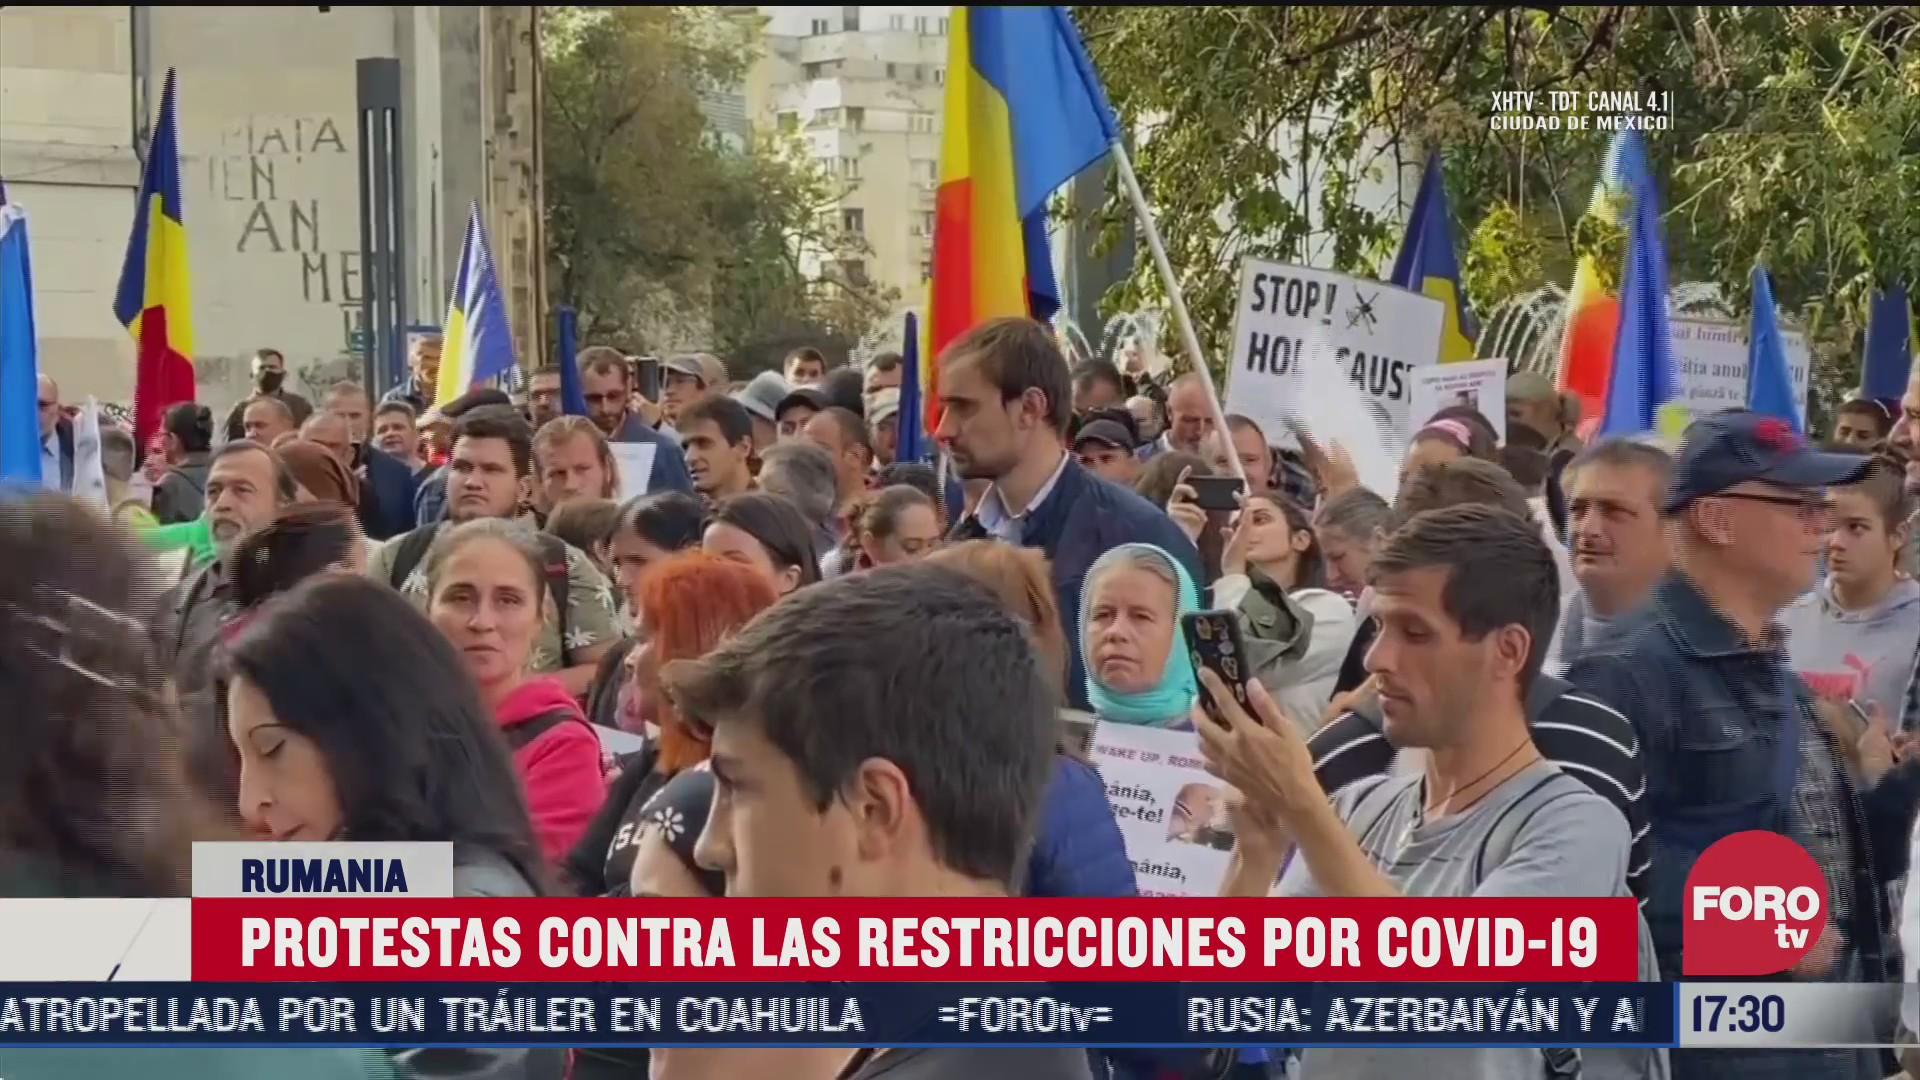 protestan en rumania contra confinamiento por covid